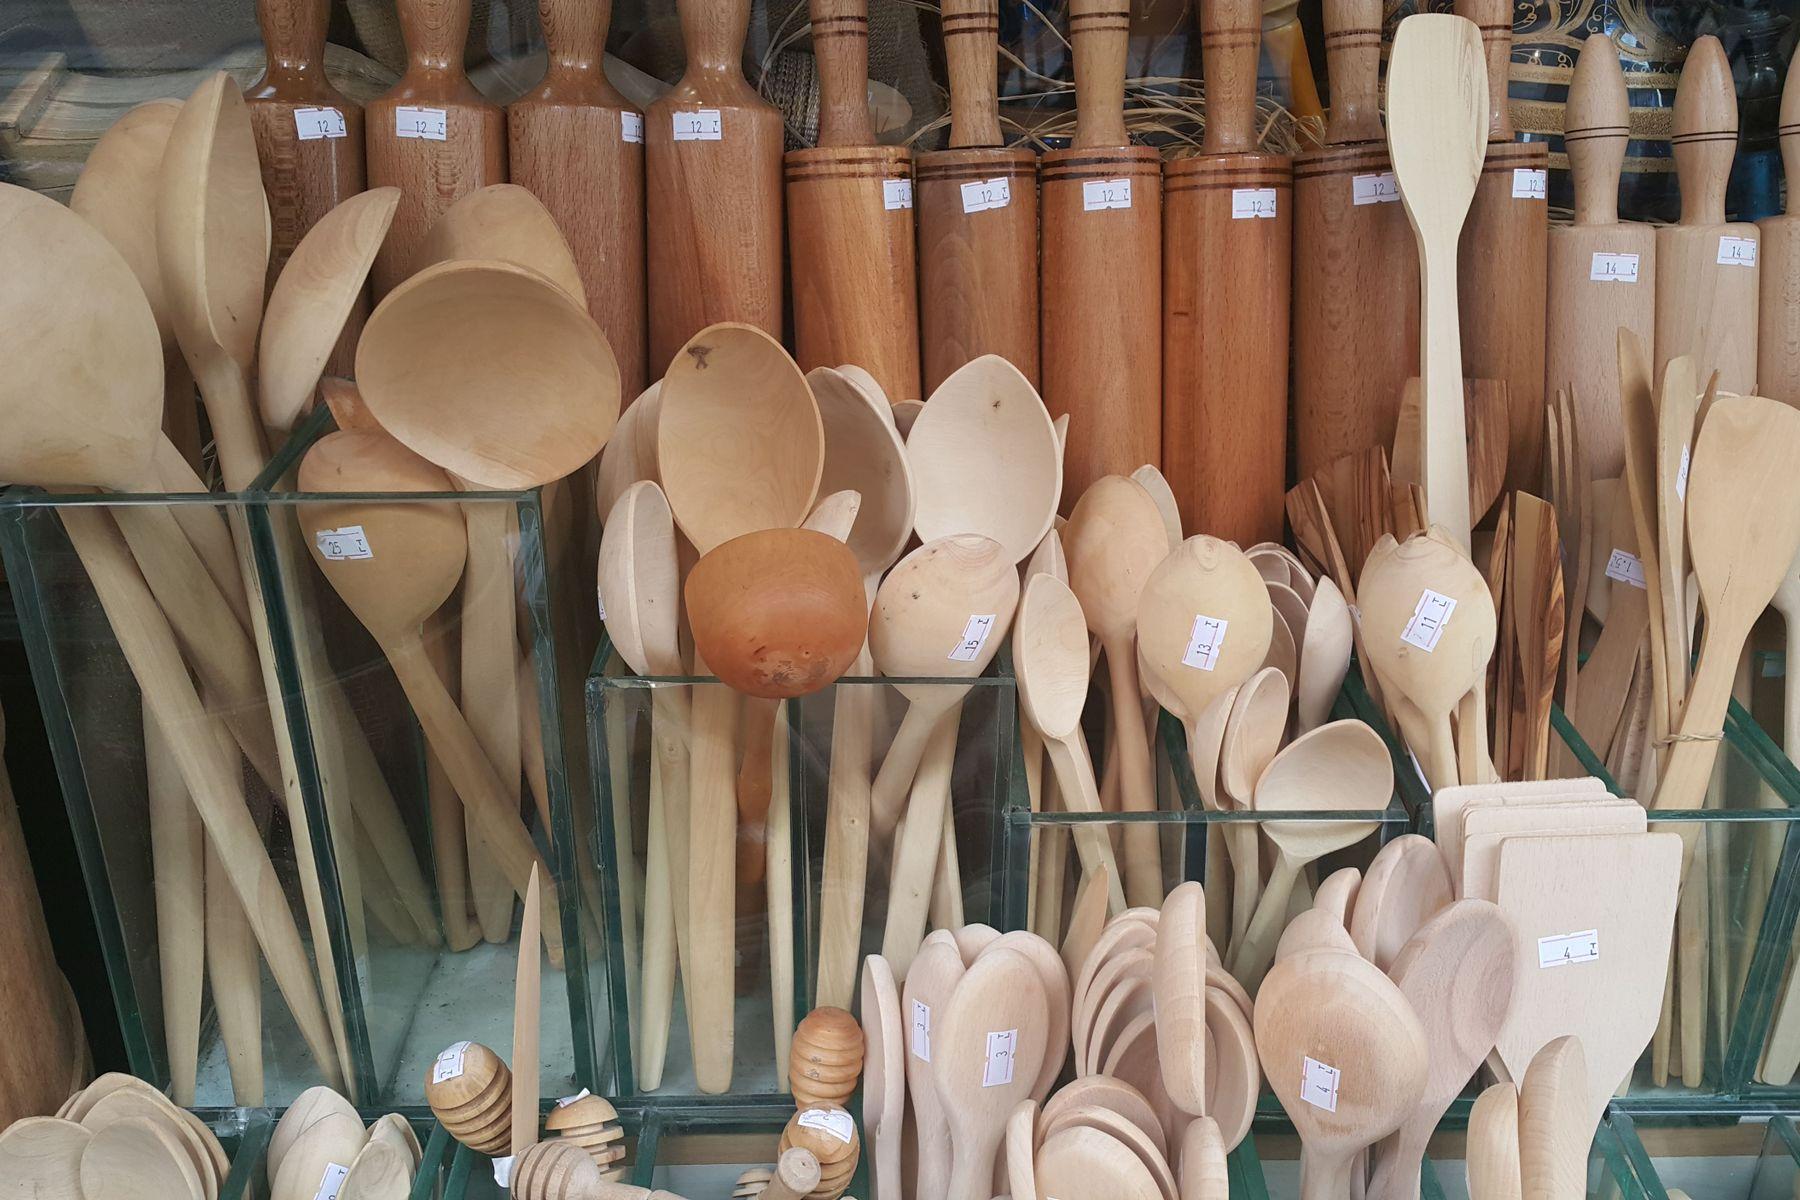 Làm cách nào để chống ẩm cho bát đũa thìa bằng gỗ khi trời nồm?